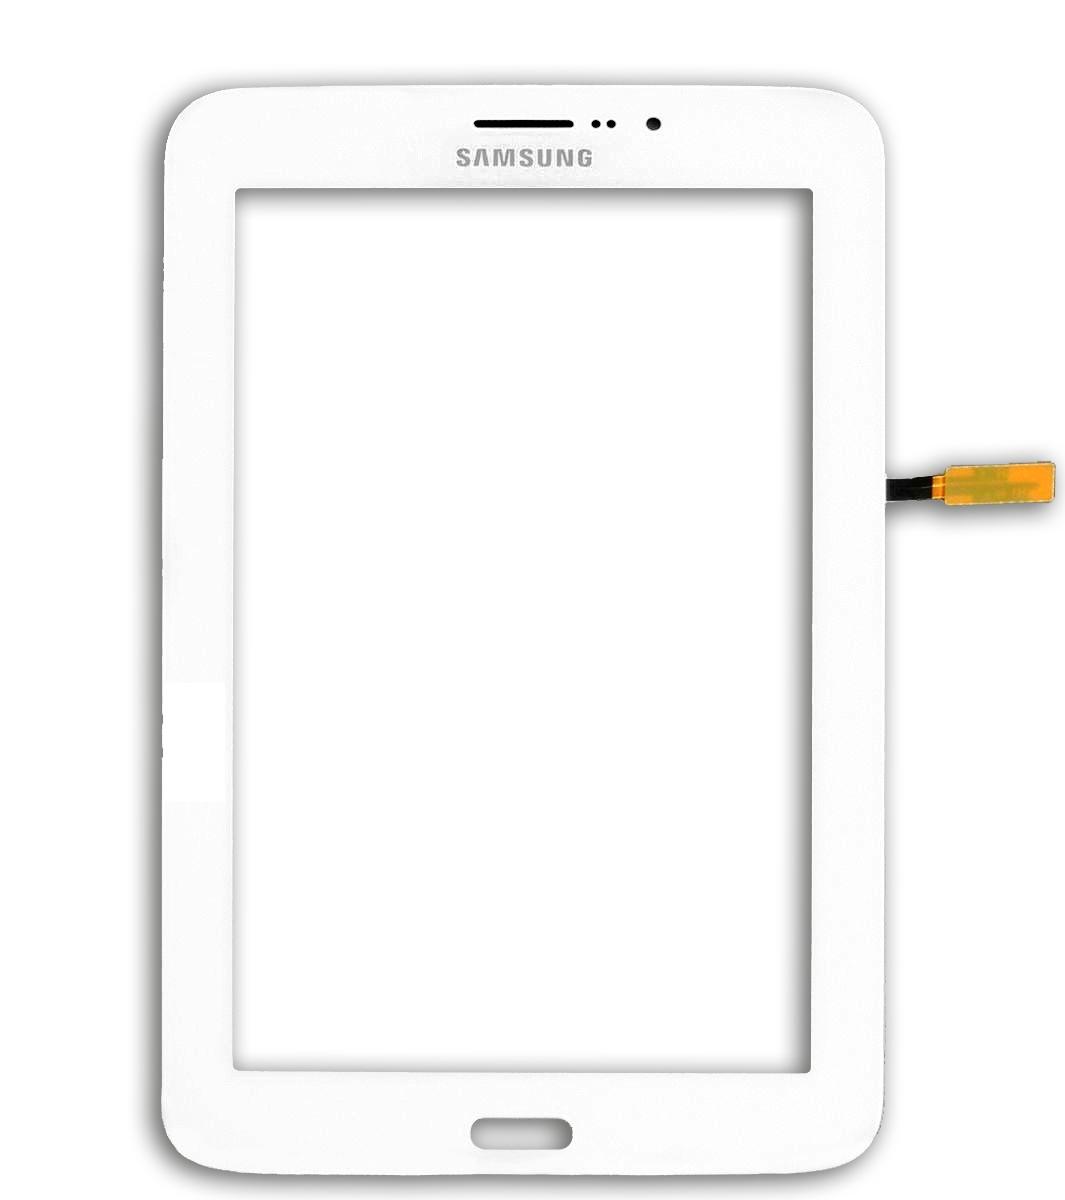 Touch Samsung Tab 3 Lite 3g Sm-T111 Branco - Com Furo do Alto Falante